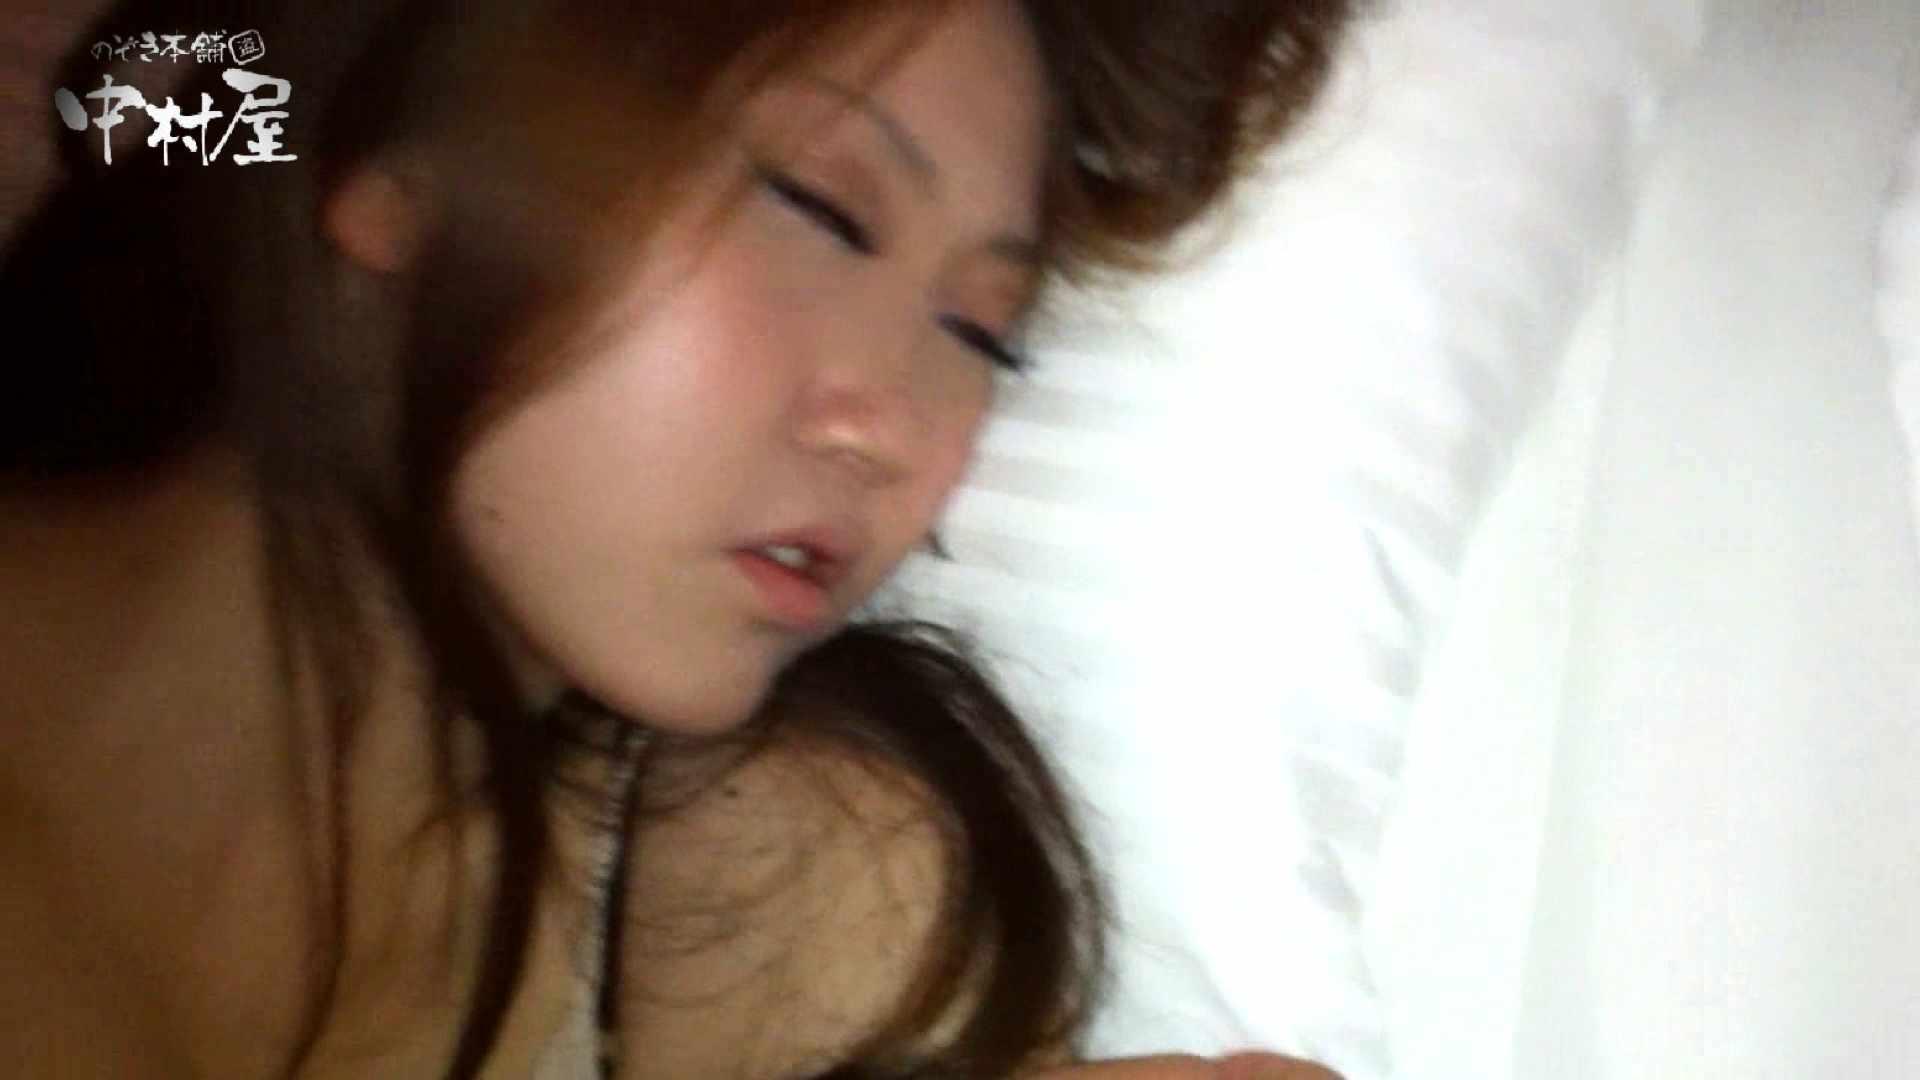 欲望 リアルドール Case.12 Sちゃん現役女子大生19歳 後編 女子大生のエロ動画  104PIX 6